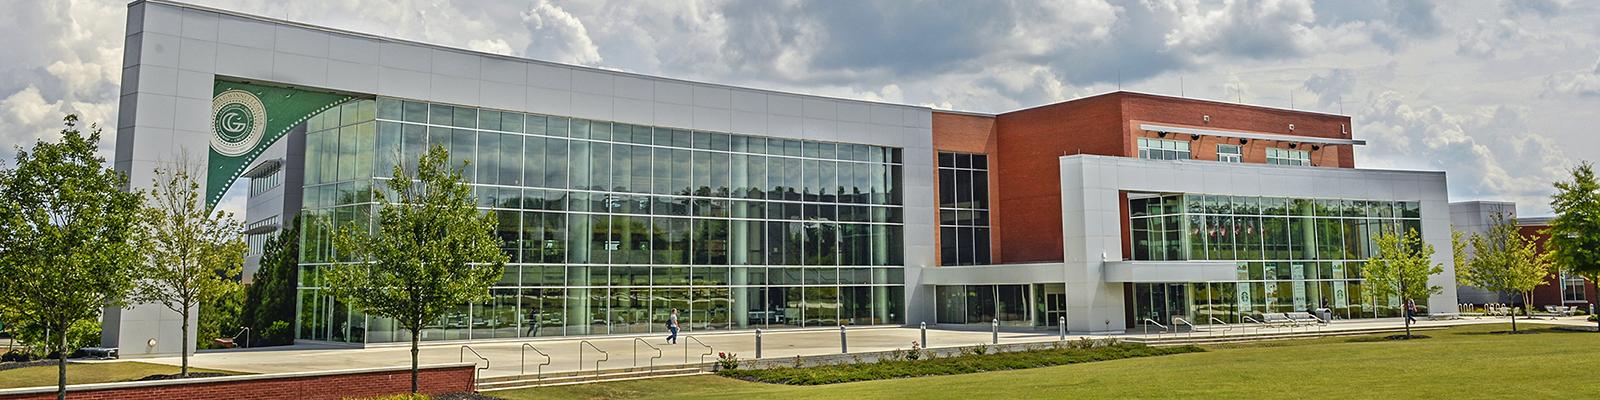 GGC Library